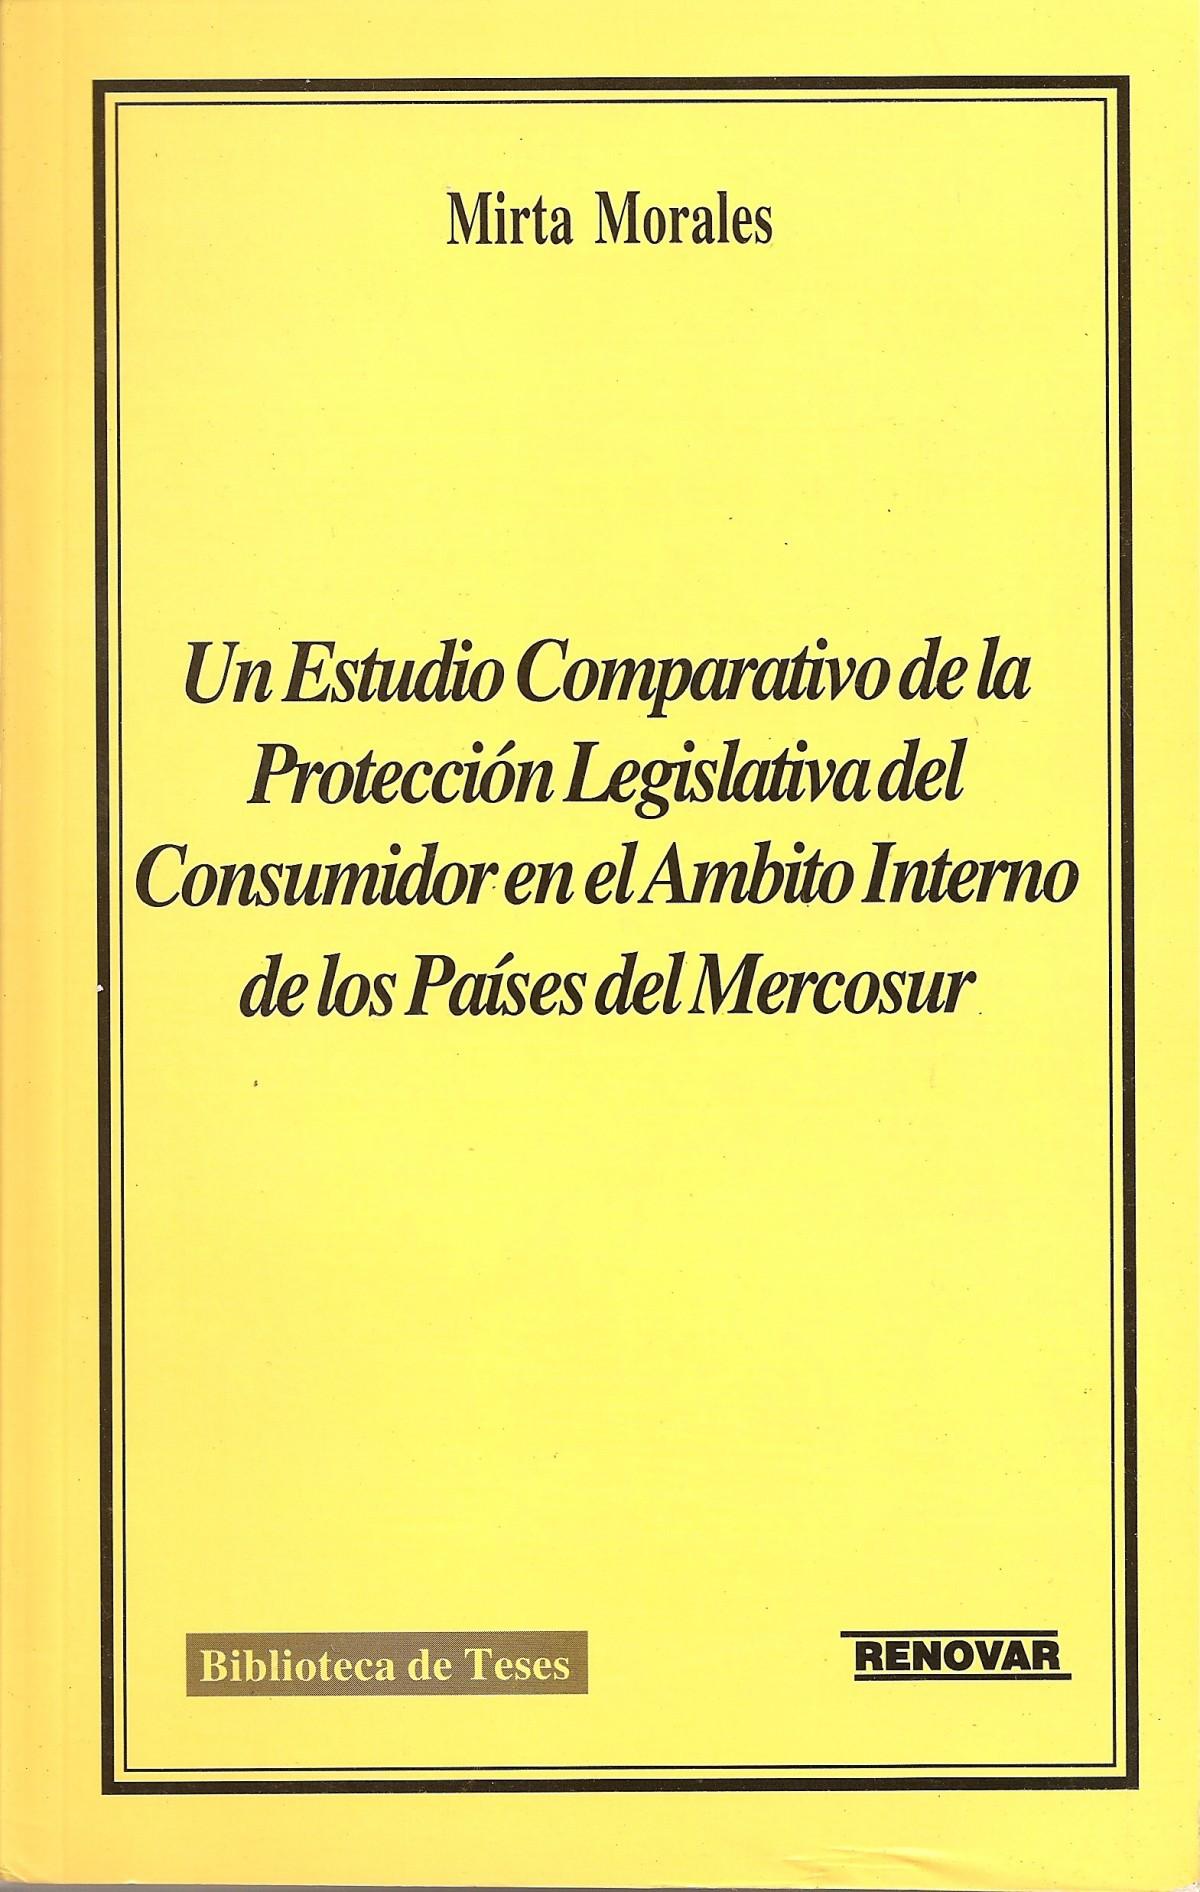 Foto 1 - Un Estudio Comparativo de la Protección Legislativa del Consumidor en El Ambito Interno de los Paíse